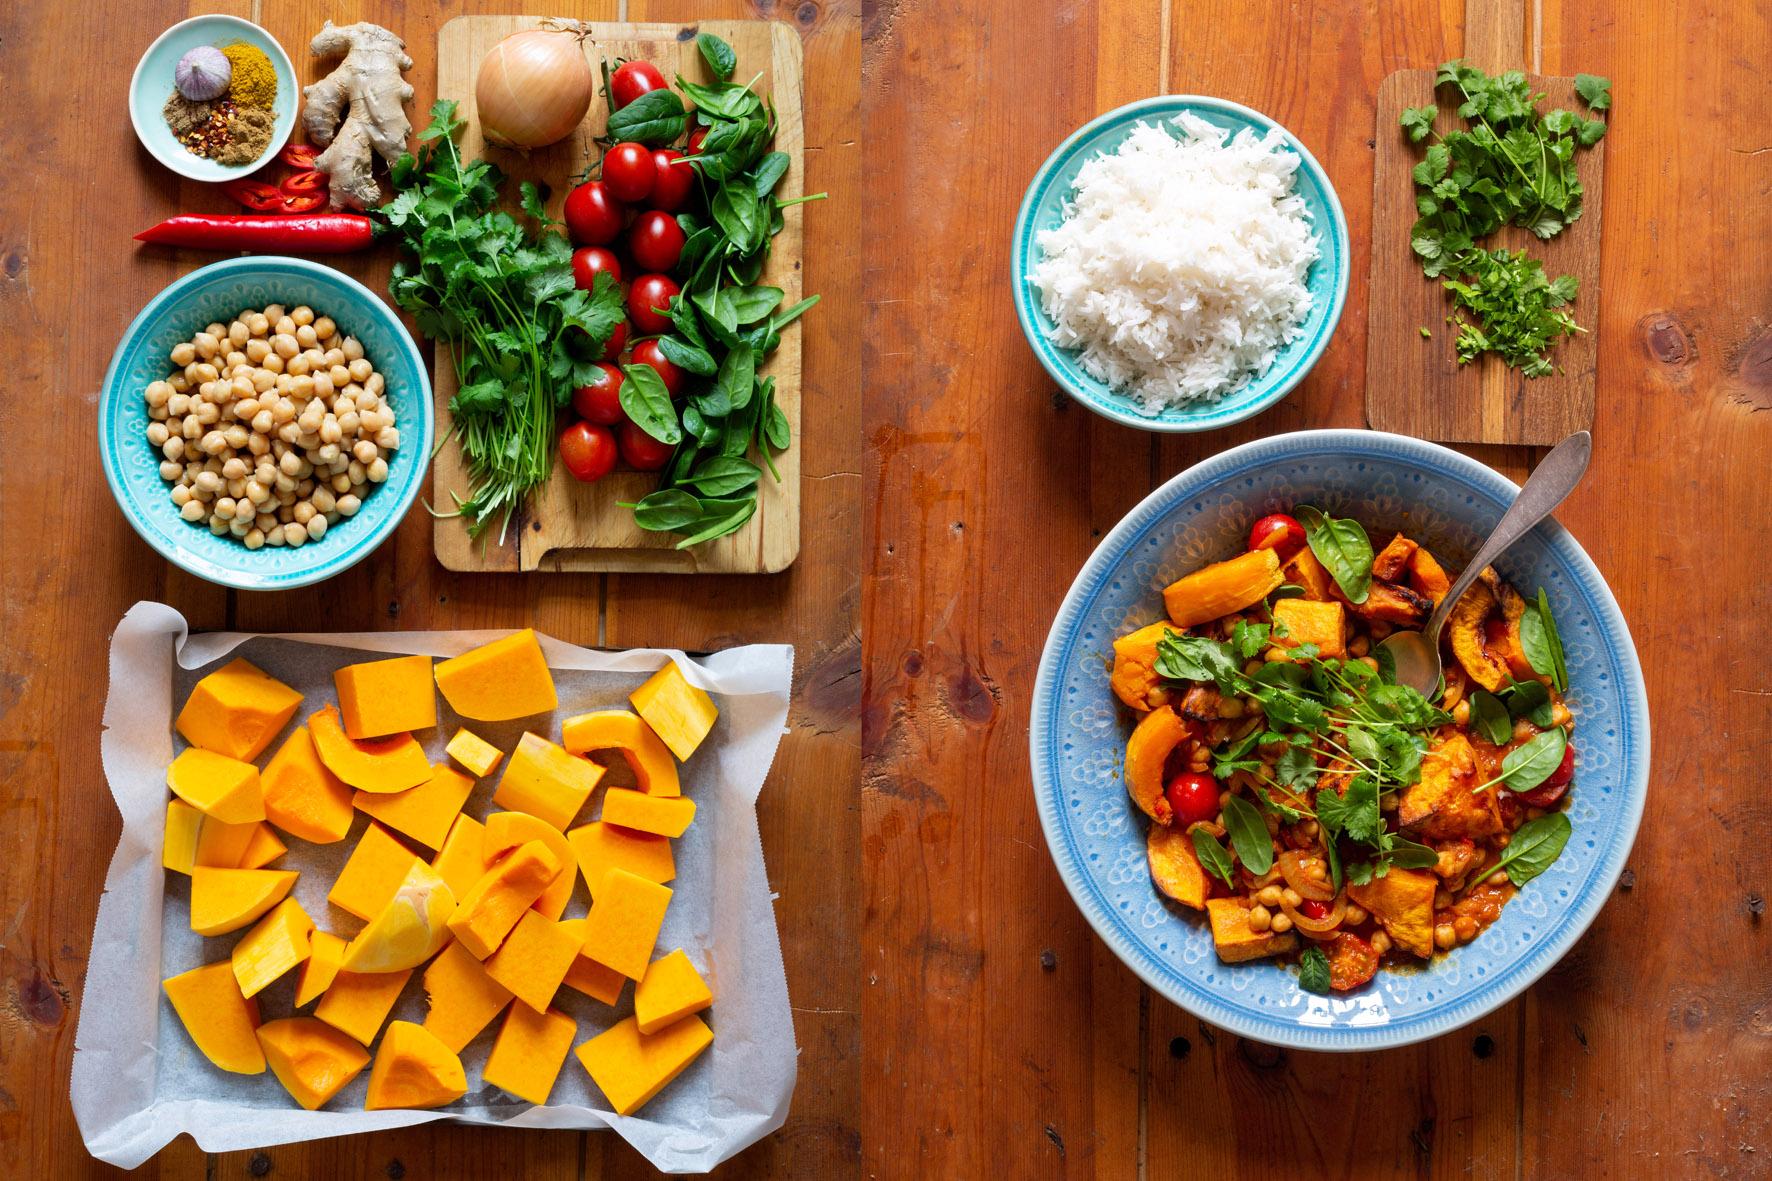 skogtillbord-vegetarisk-curry-jan21